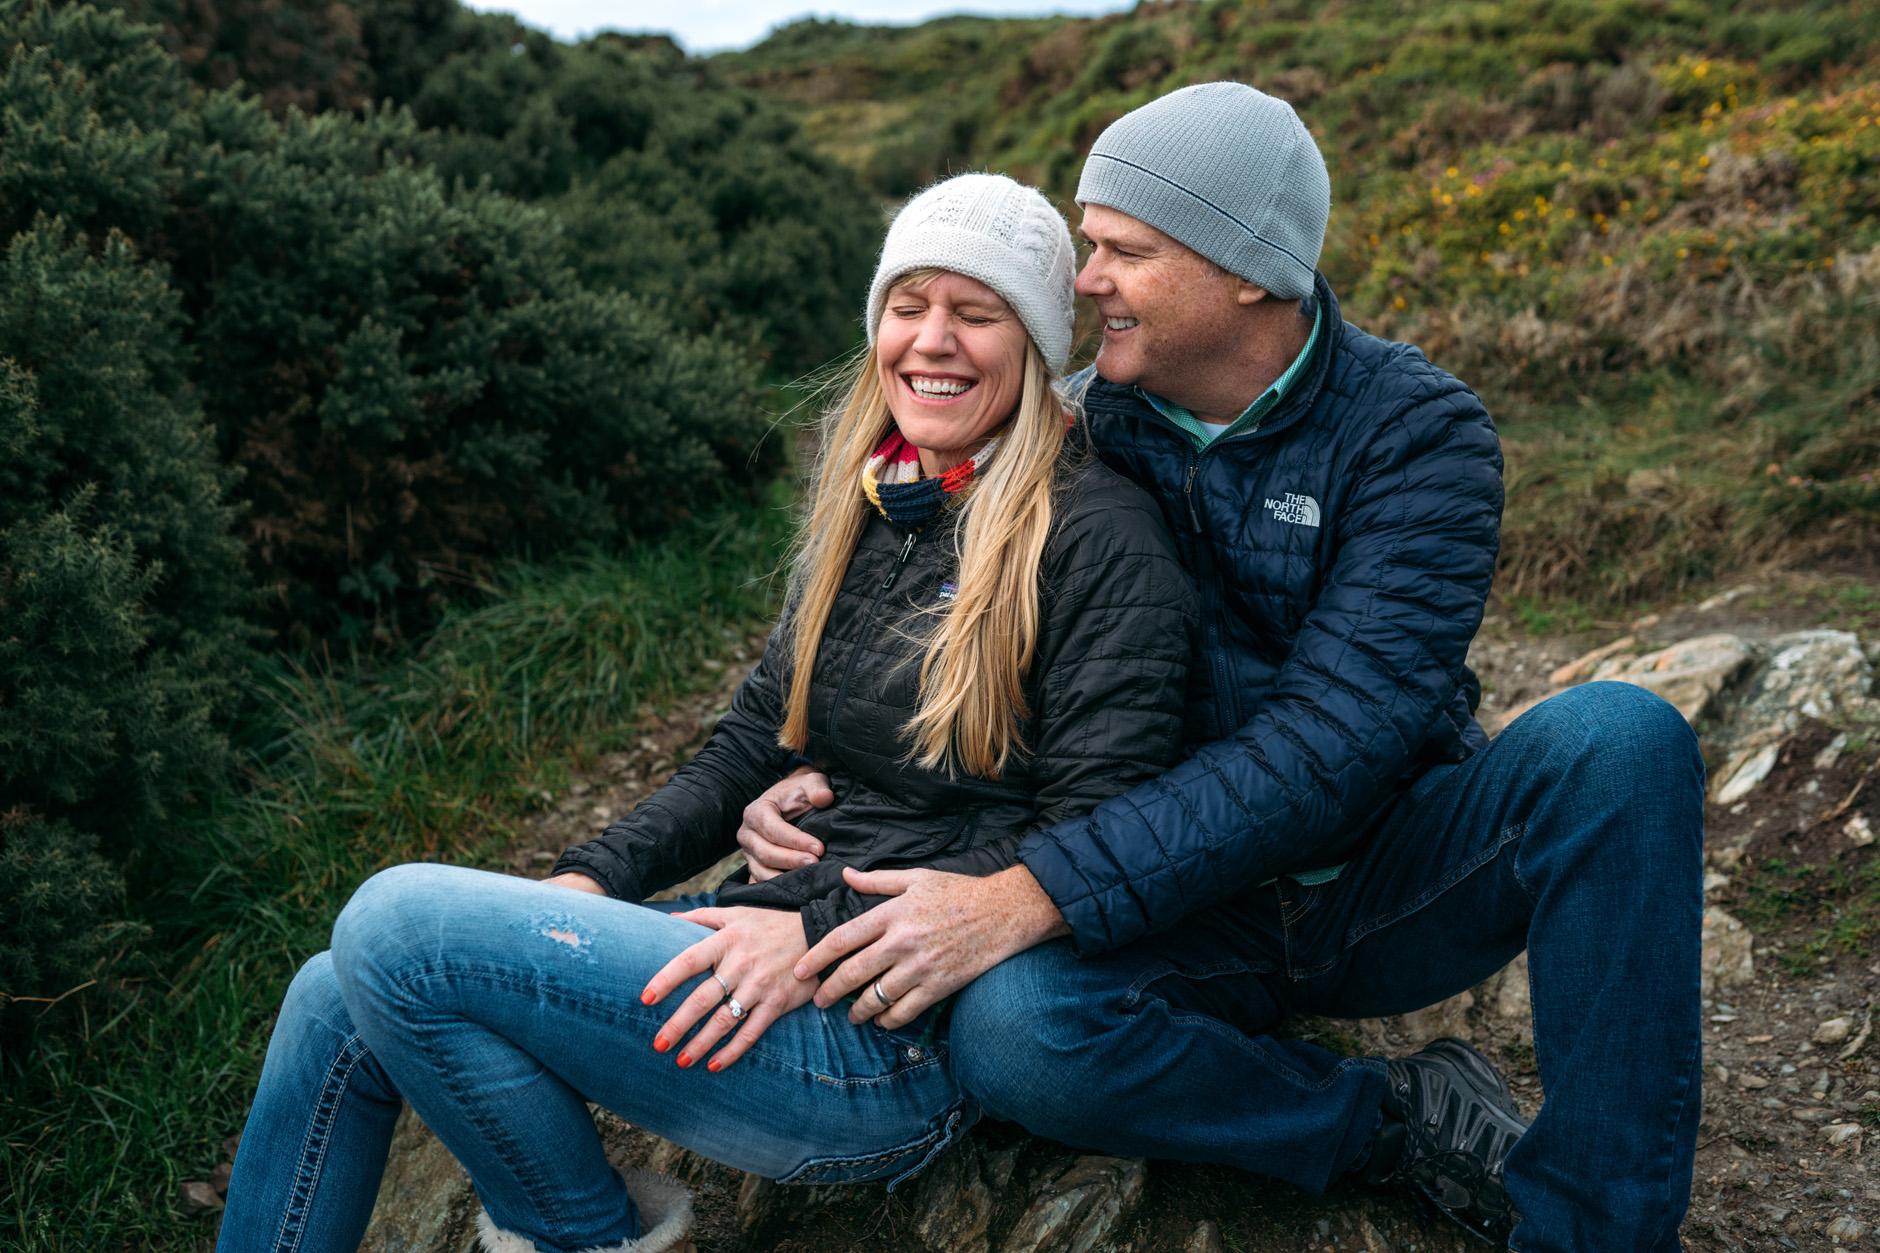 on-location-couple-vacation-photographer-dublin-howth-ireland-0017.jpg